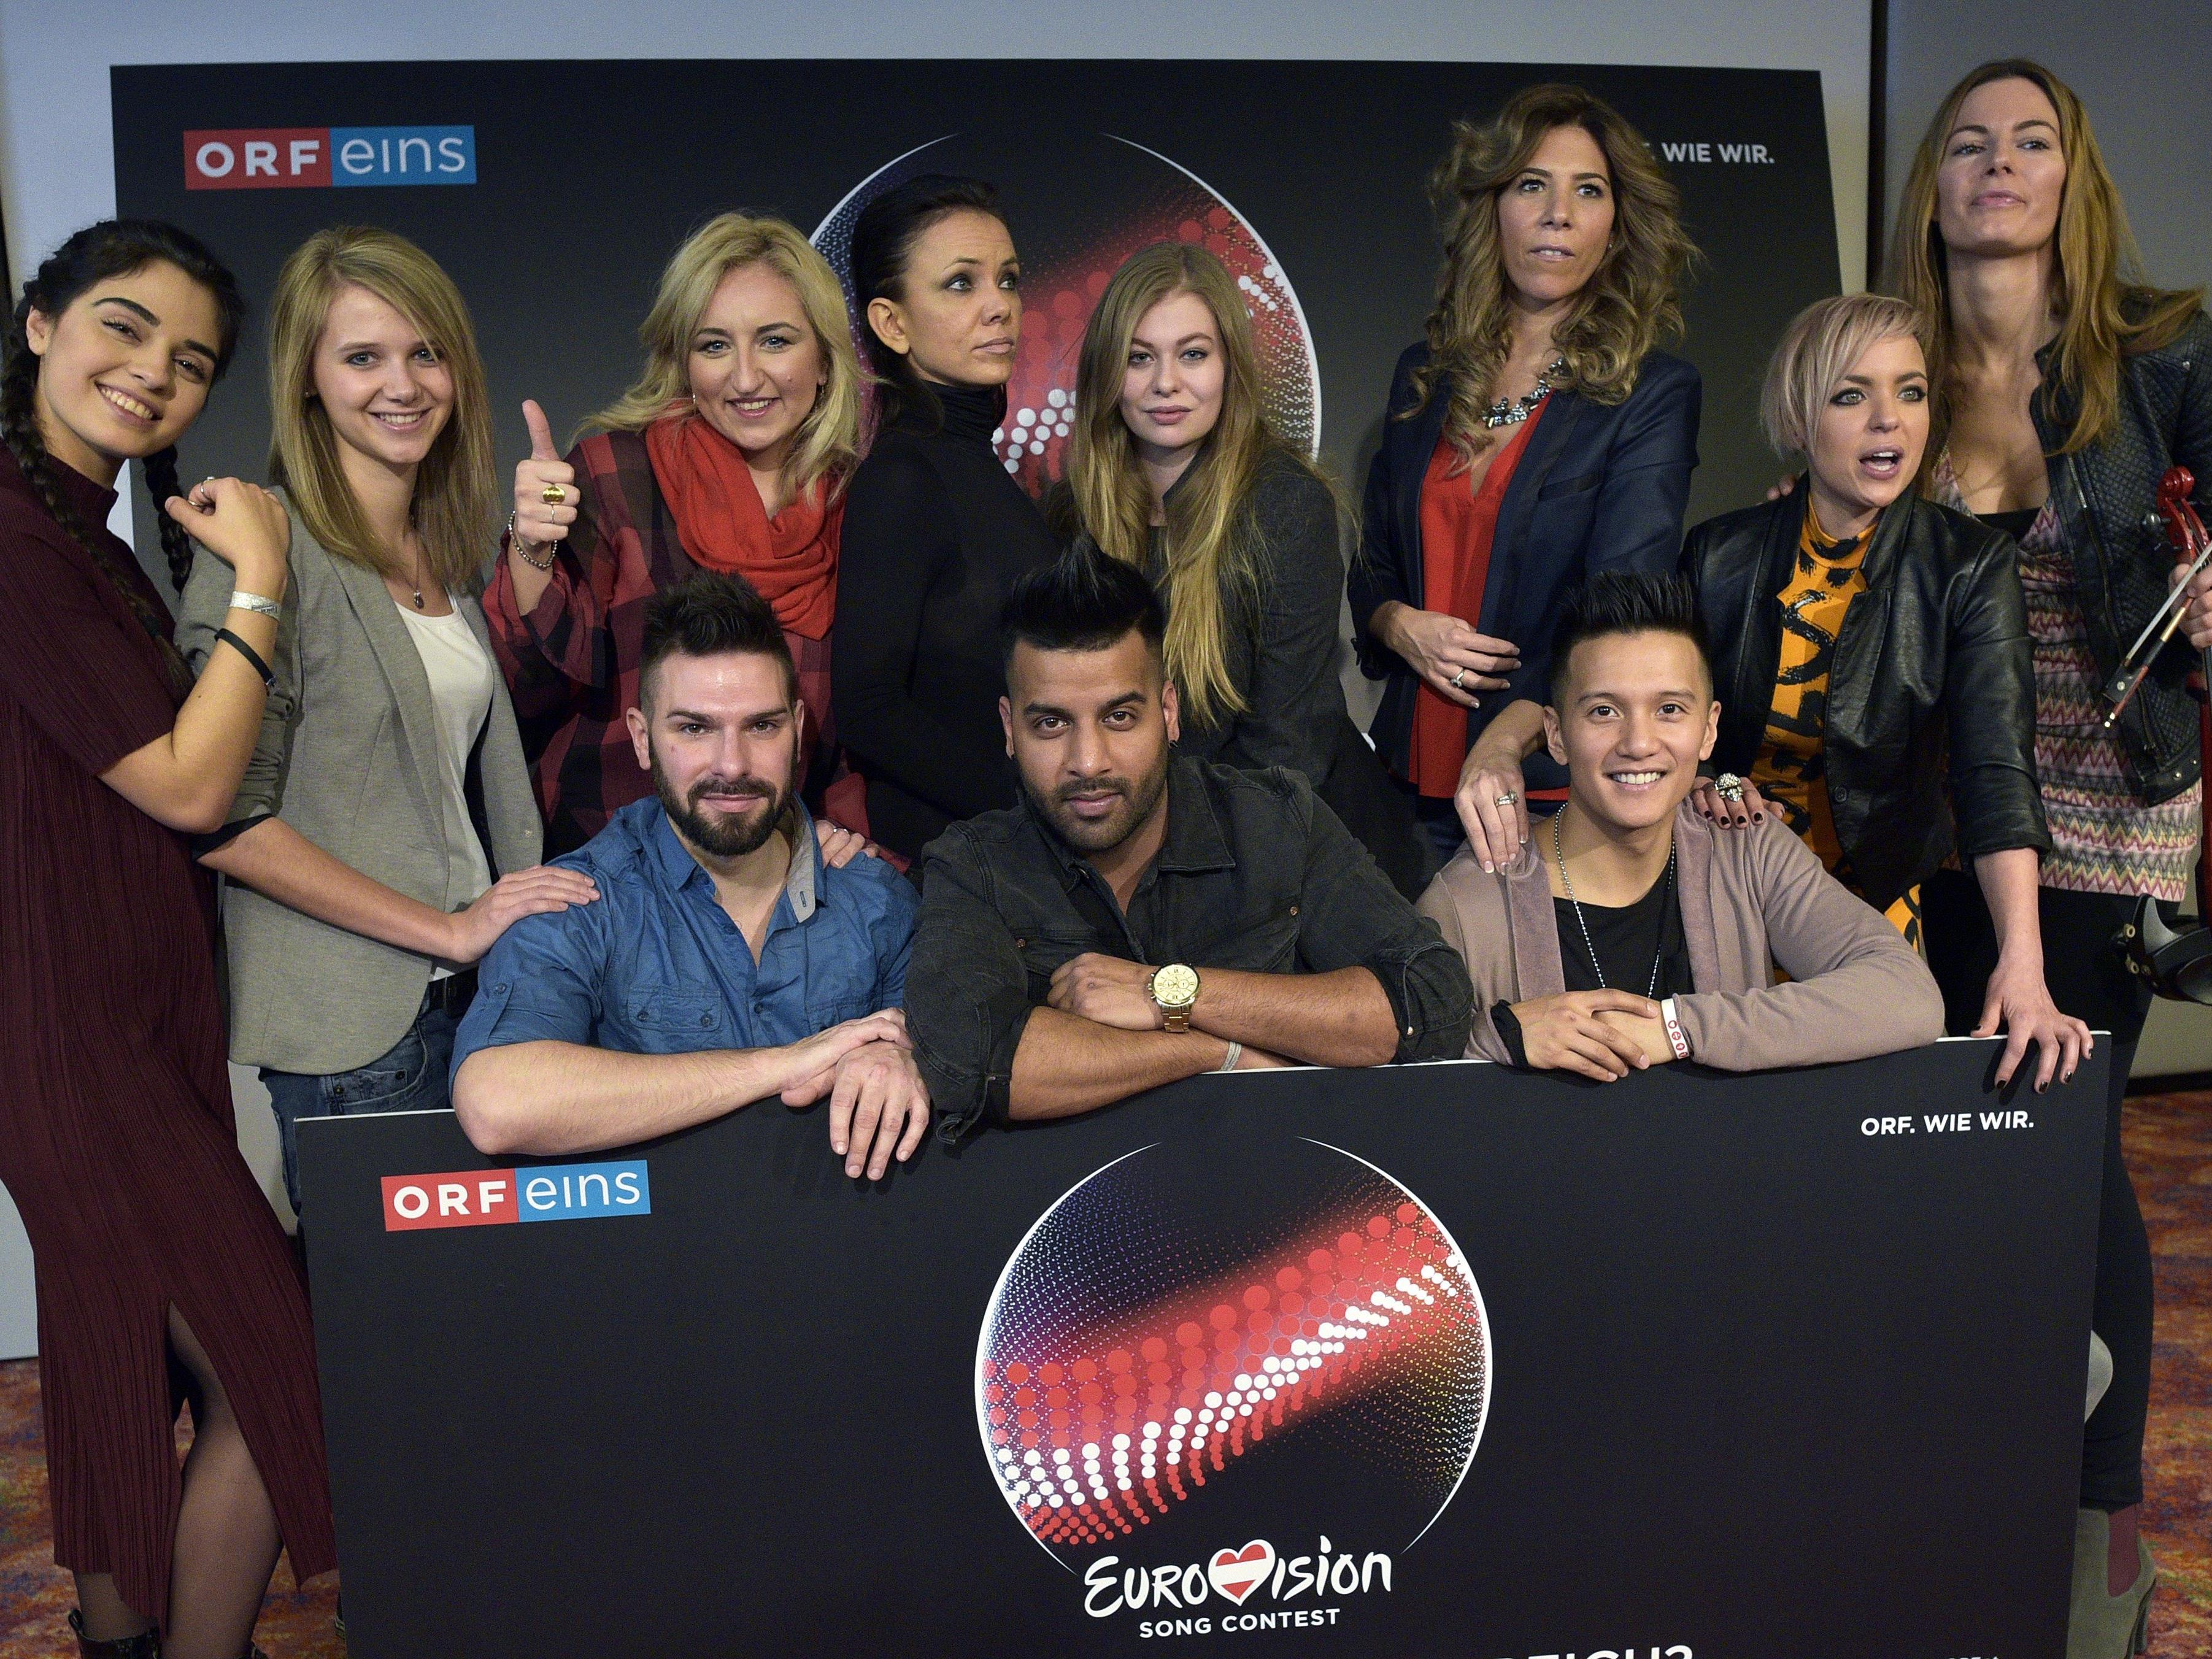 Wer wird Österreich beim Song Contest in Stockholm vertreten?